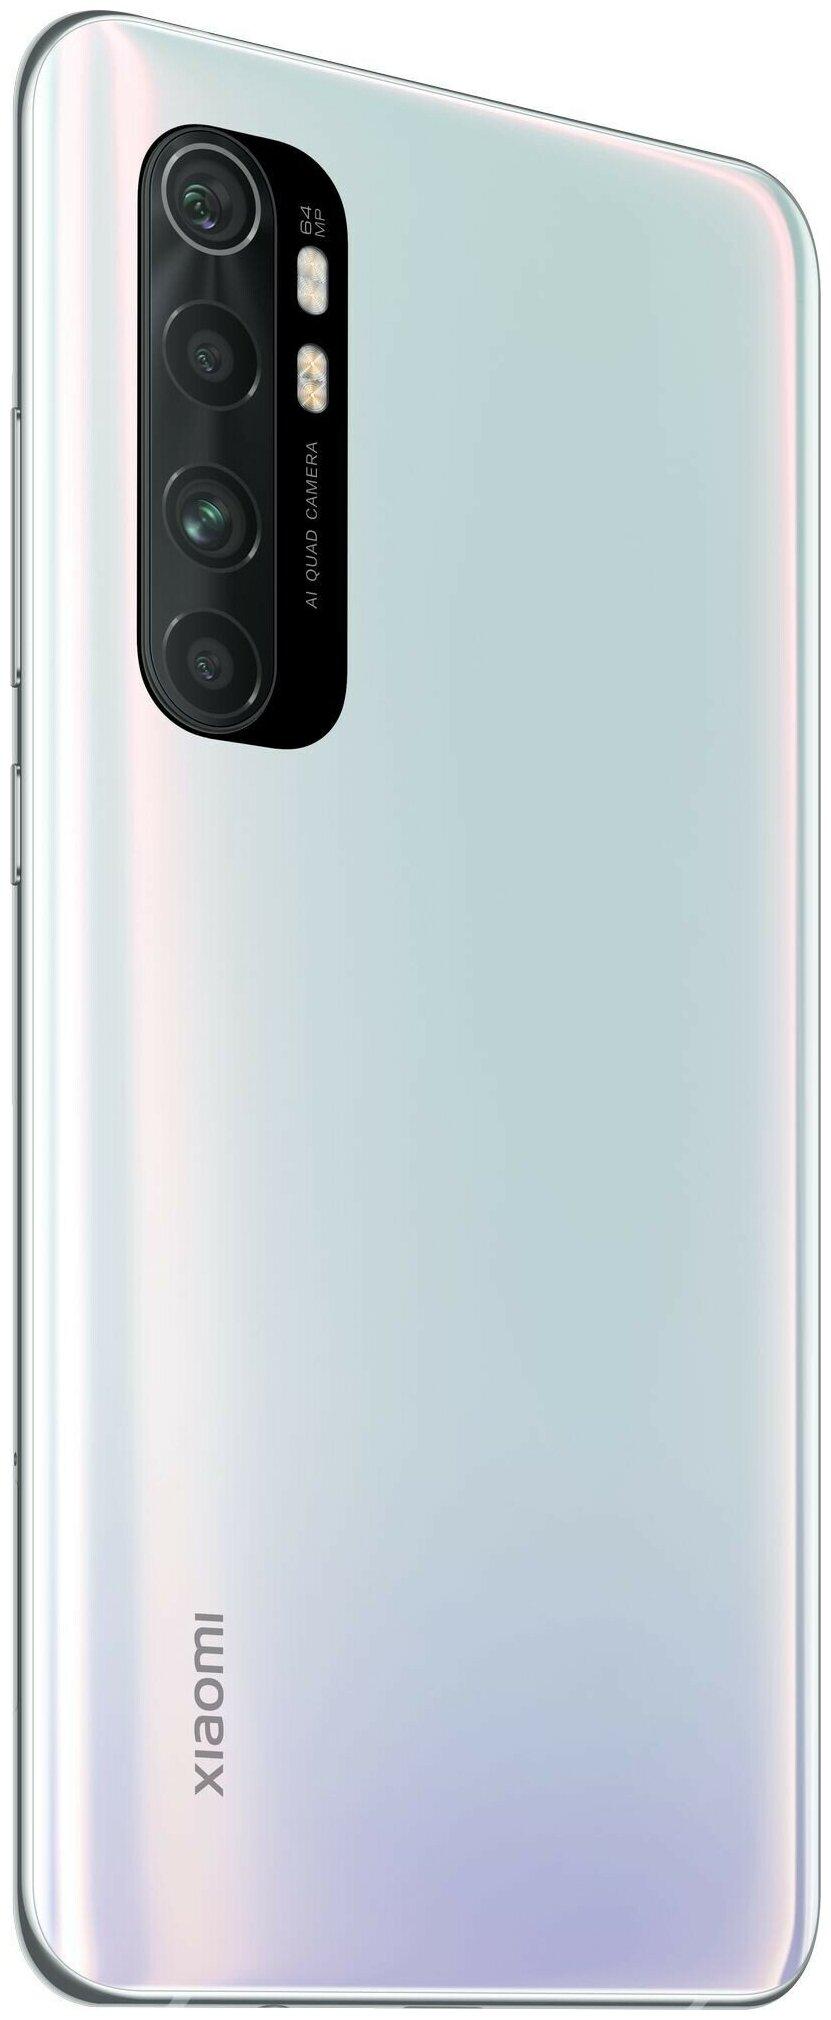 Фото #5: Xiaomi Mi Note 10 Lite 6/128GB